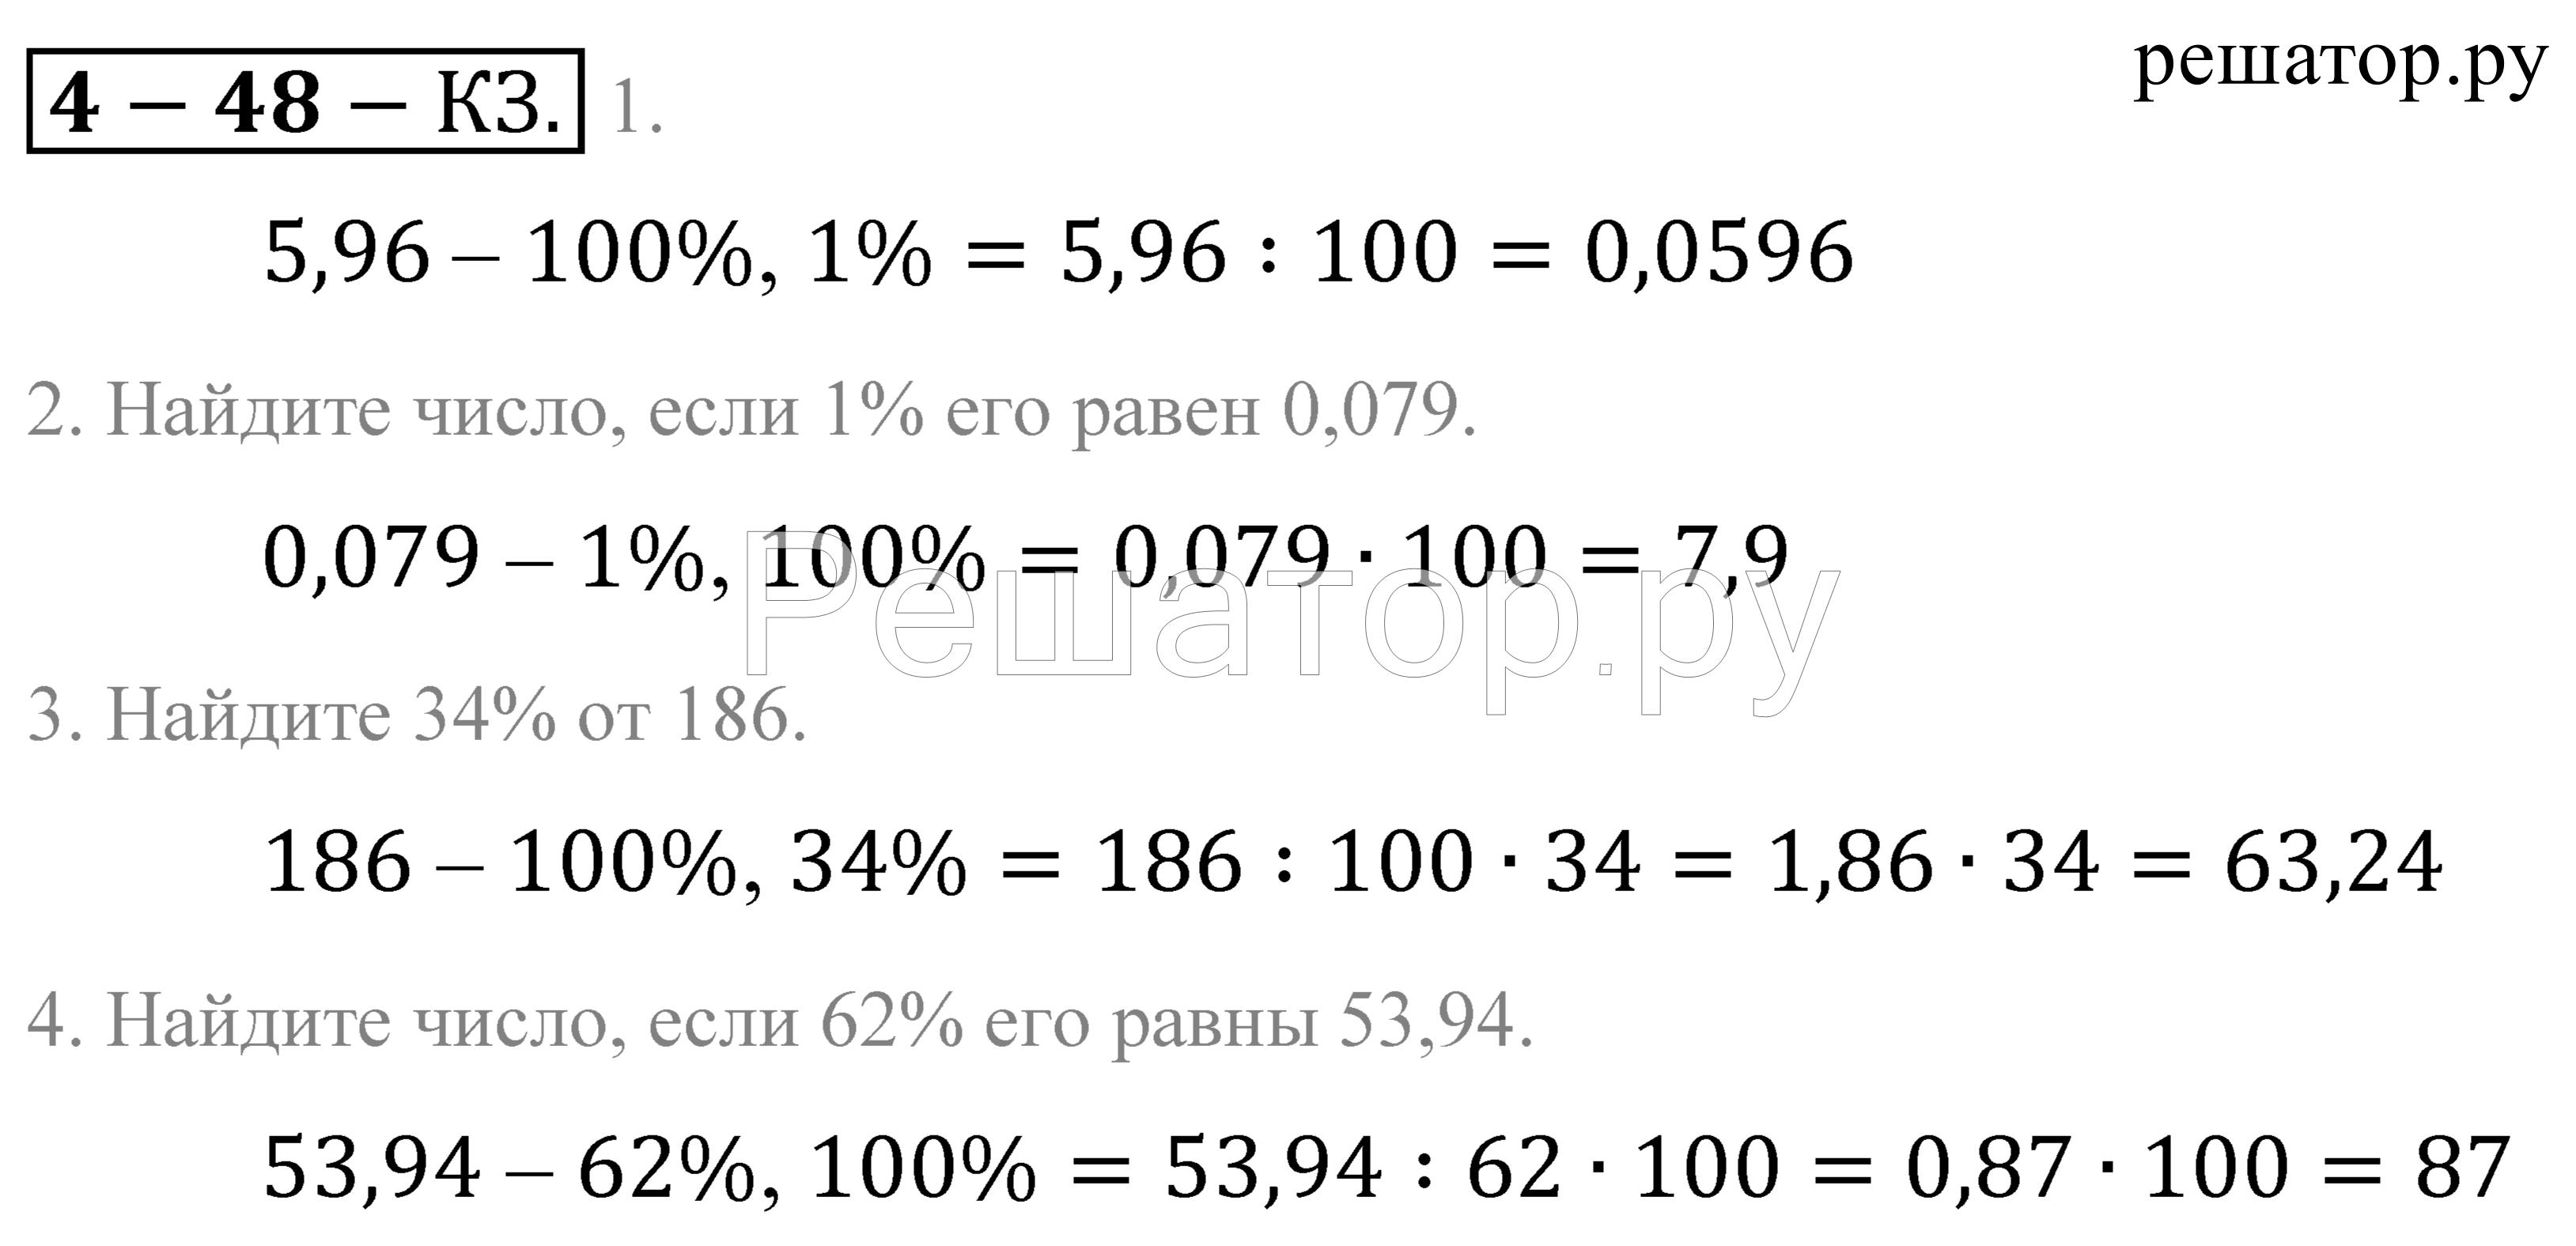 решебник 6 класс по математике сложные задачи на проценты